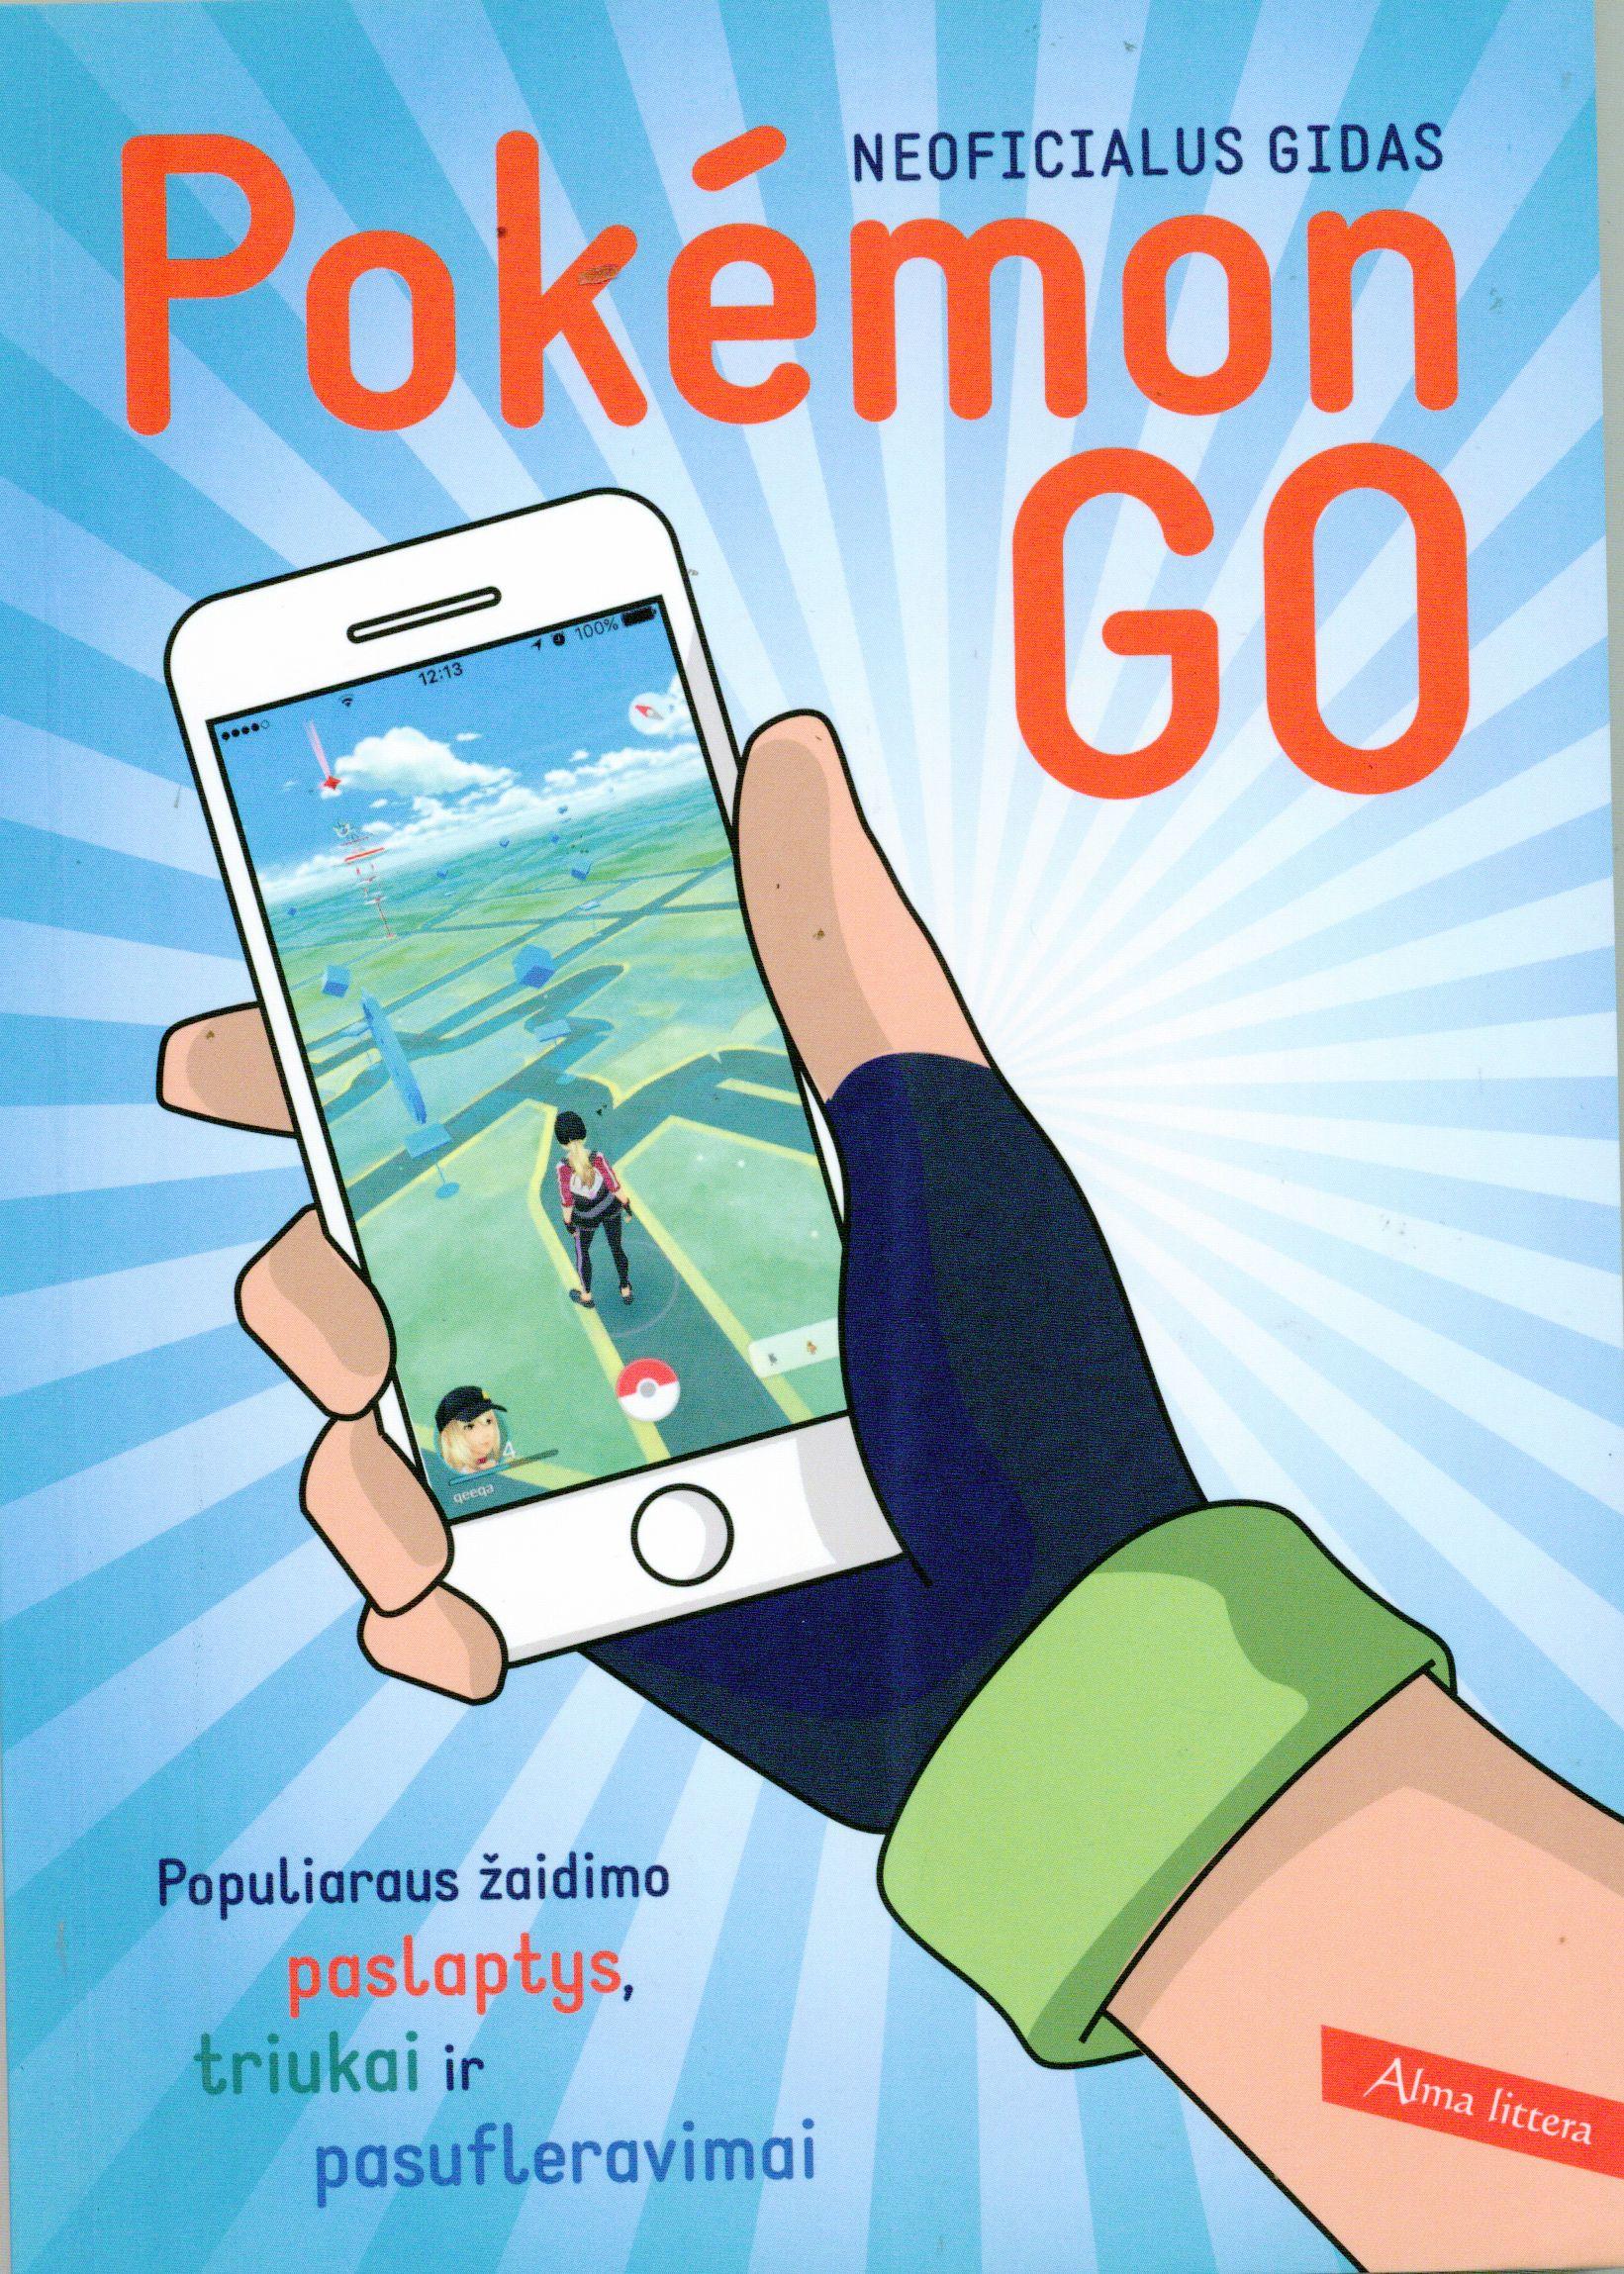 Pokémon GO : populiaraus žaidimo paslaptys, triukai ir pasufleravimai : neoficialus gidas